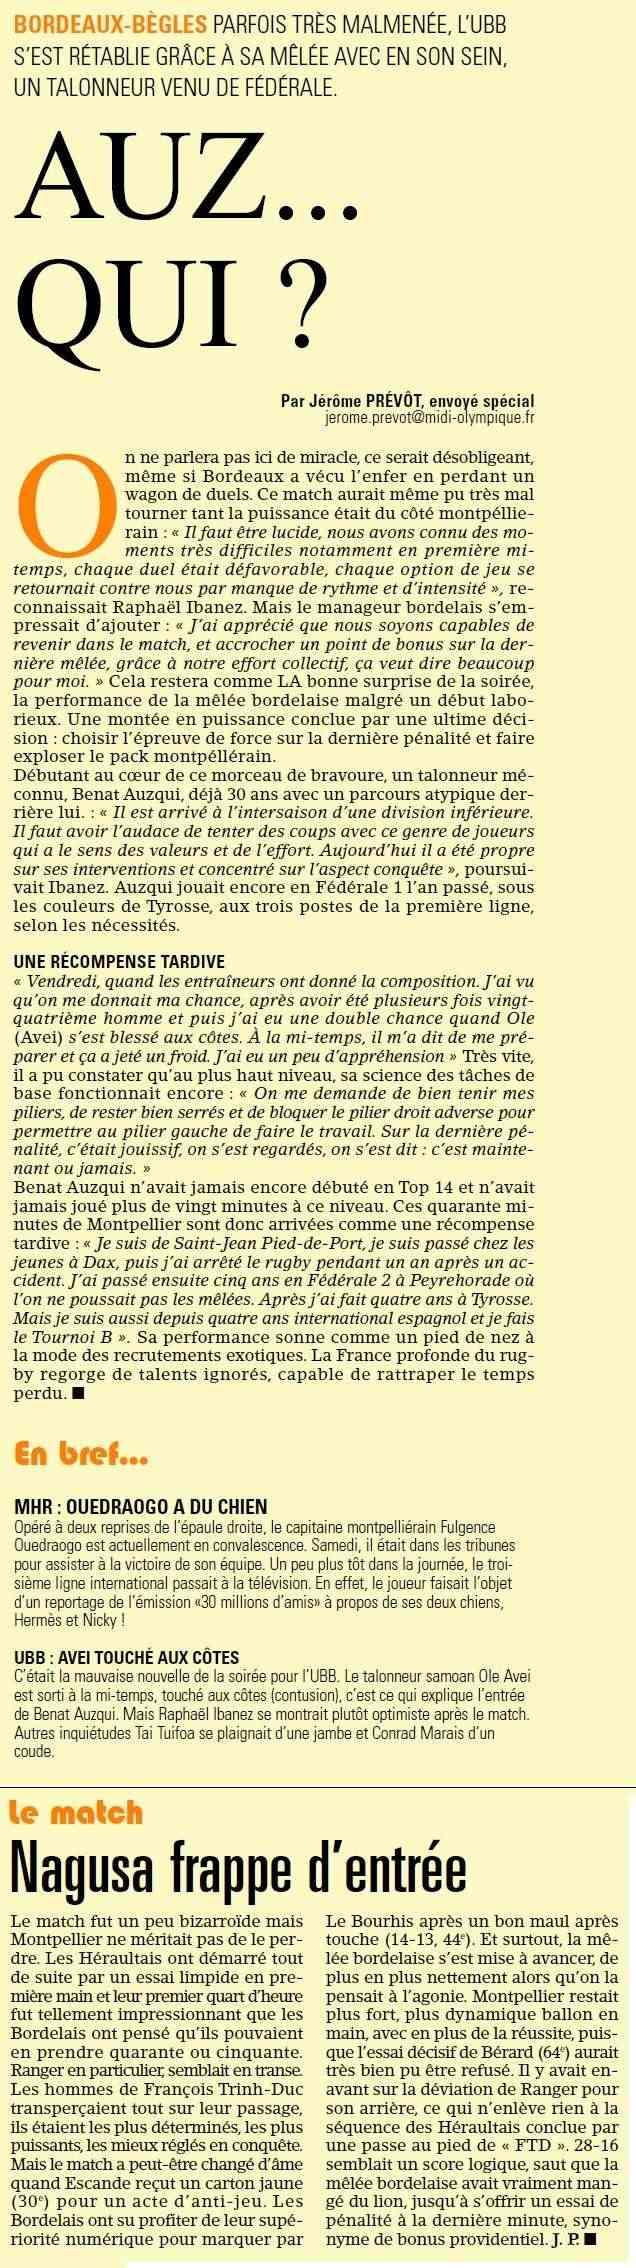 TOP 14 - 17ème journée : Montpellier / UBB - Page 7 Sans_t85